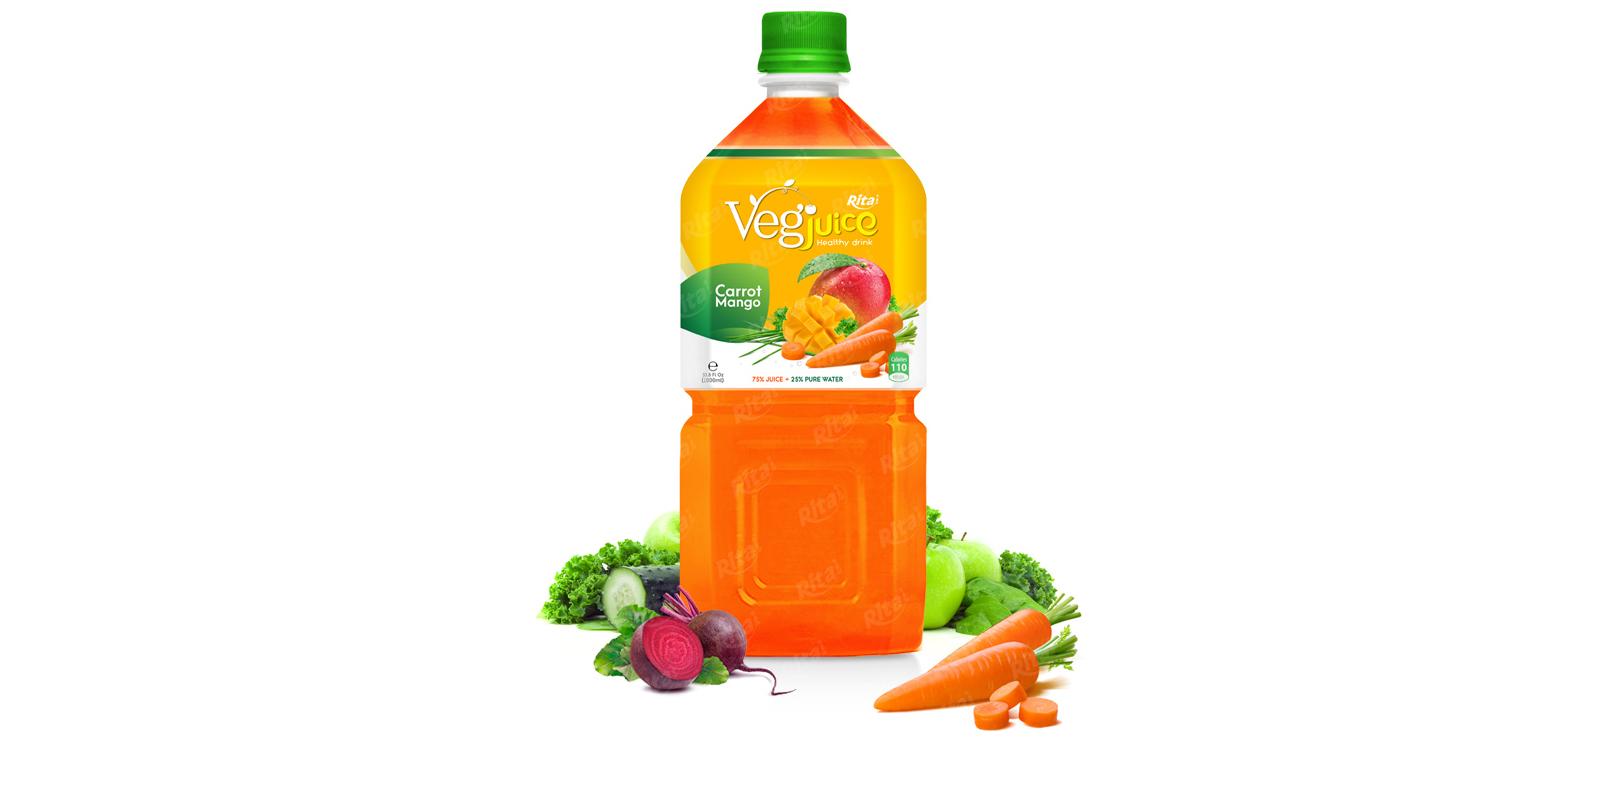 Rita vegetable carot mango 1000ml pet bottle